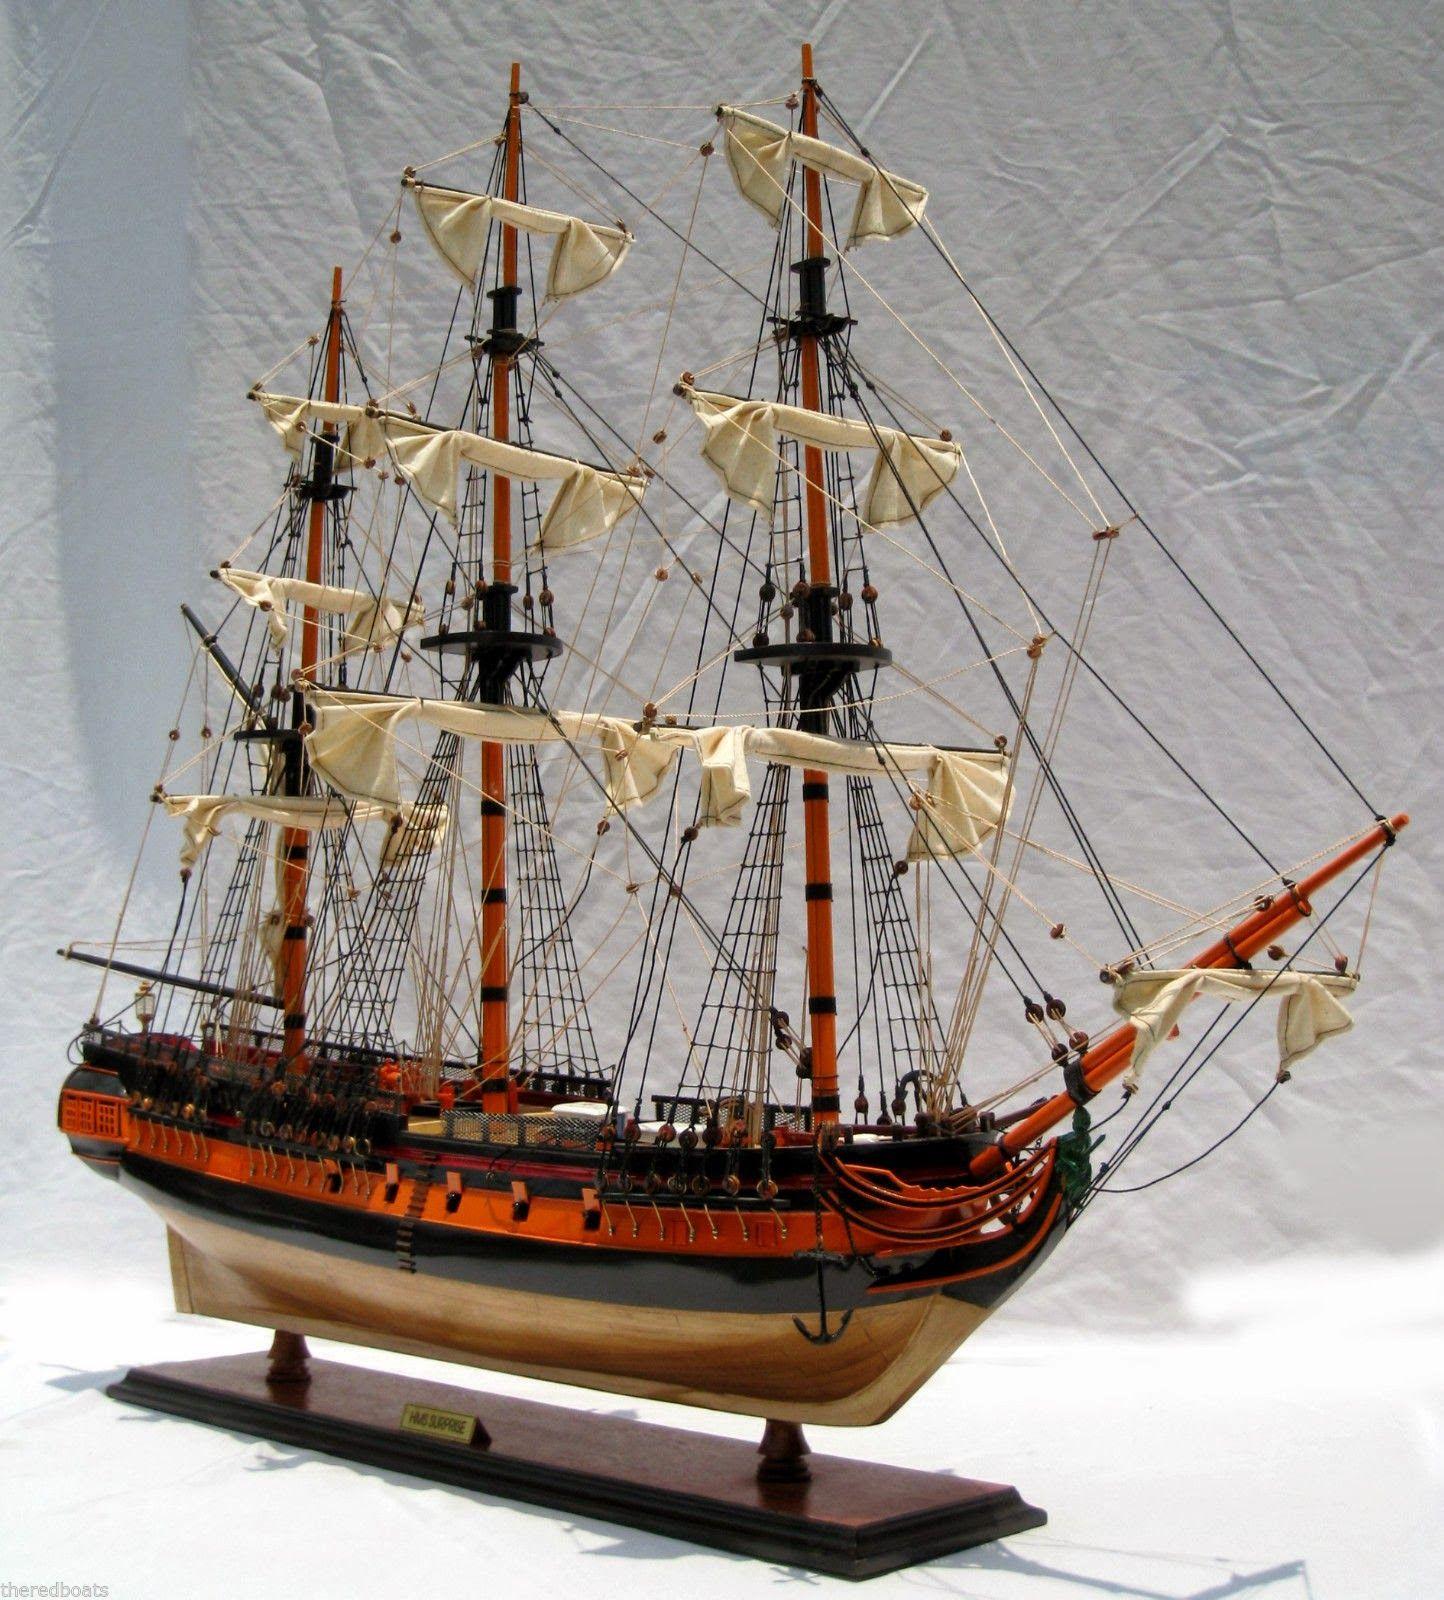 Nautical Handcrafted Decor And Ship Models Decorative Boats Model Sailing Ships Sailing Ship Model Model Ships